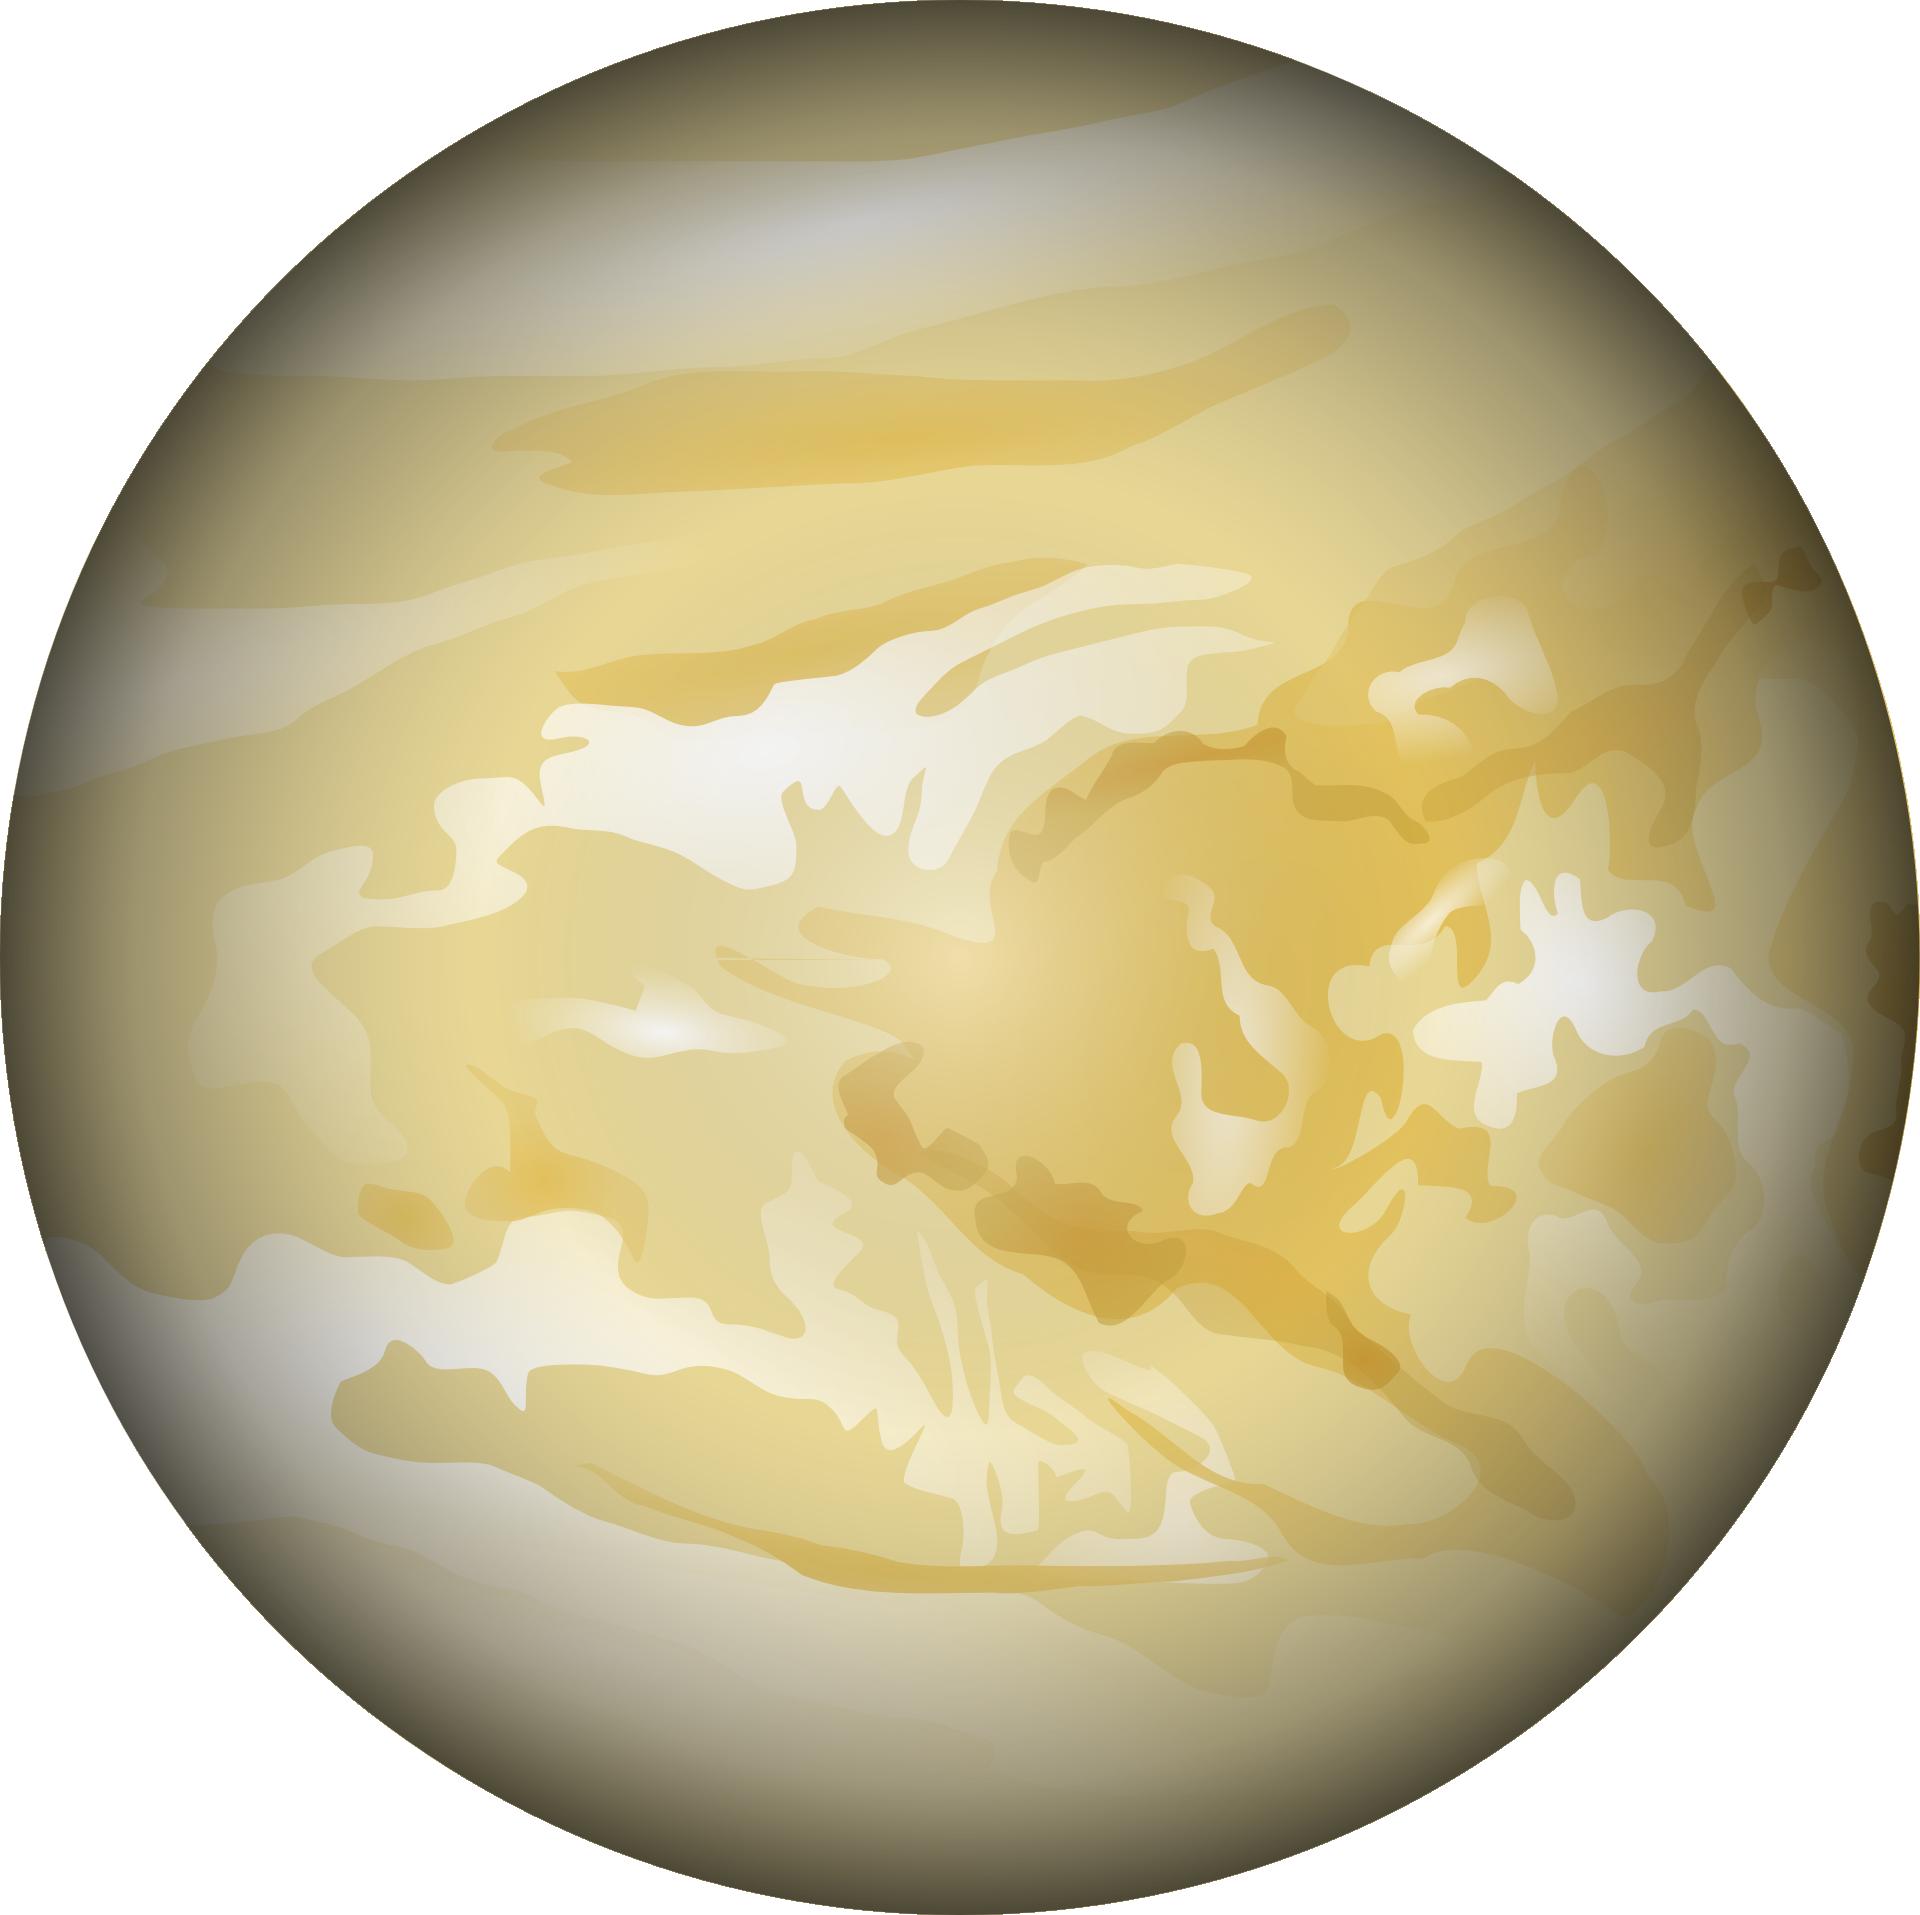 Venus de milo planet. Planets clipart universe